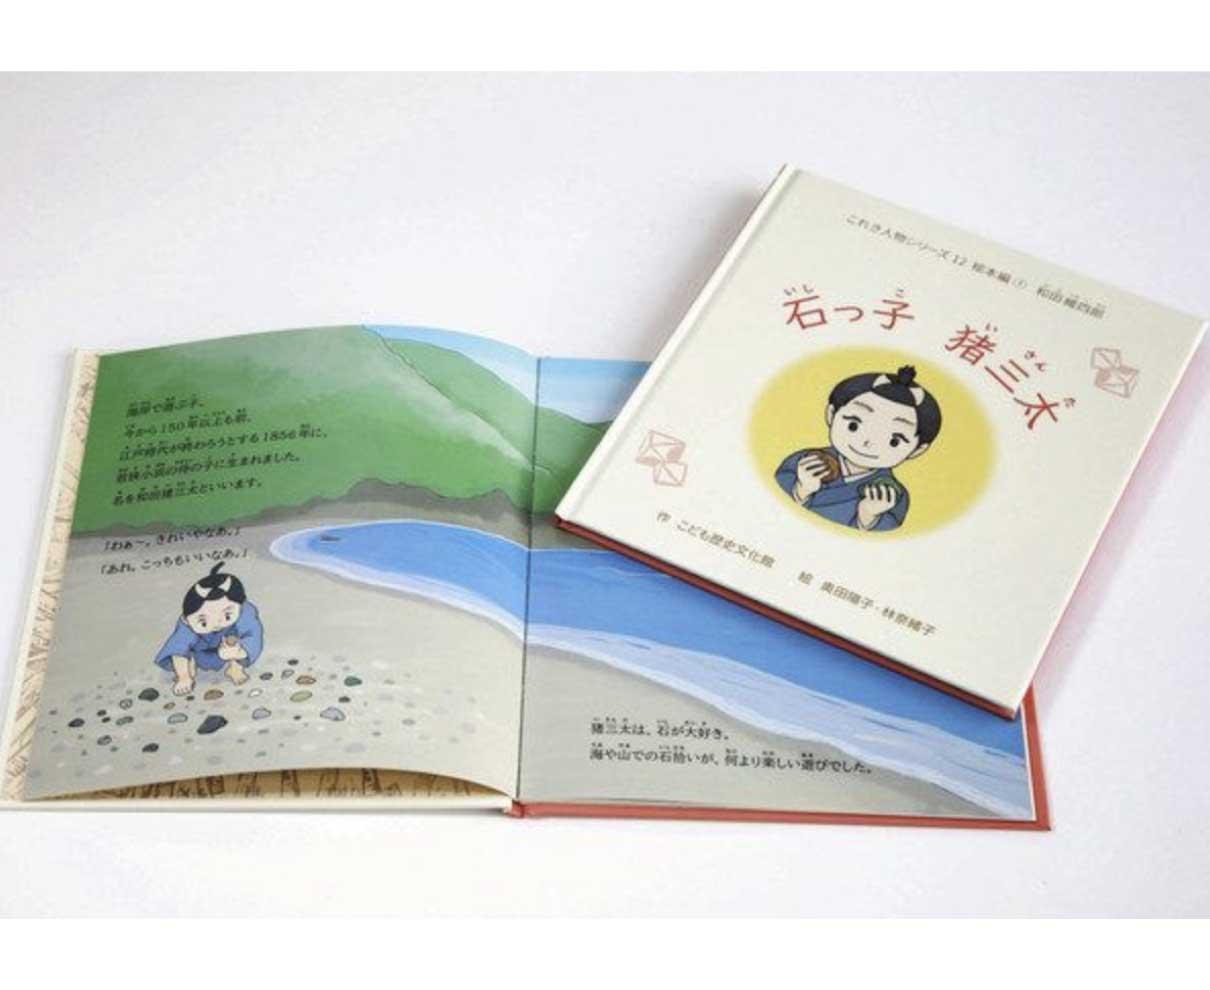 偉人紹介の絵本第1弾 県立こども歴史文化館 「石っ子猪三太」刊行